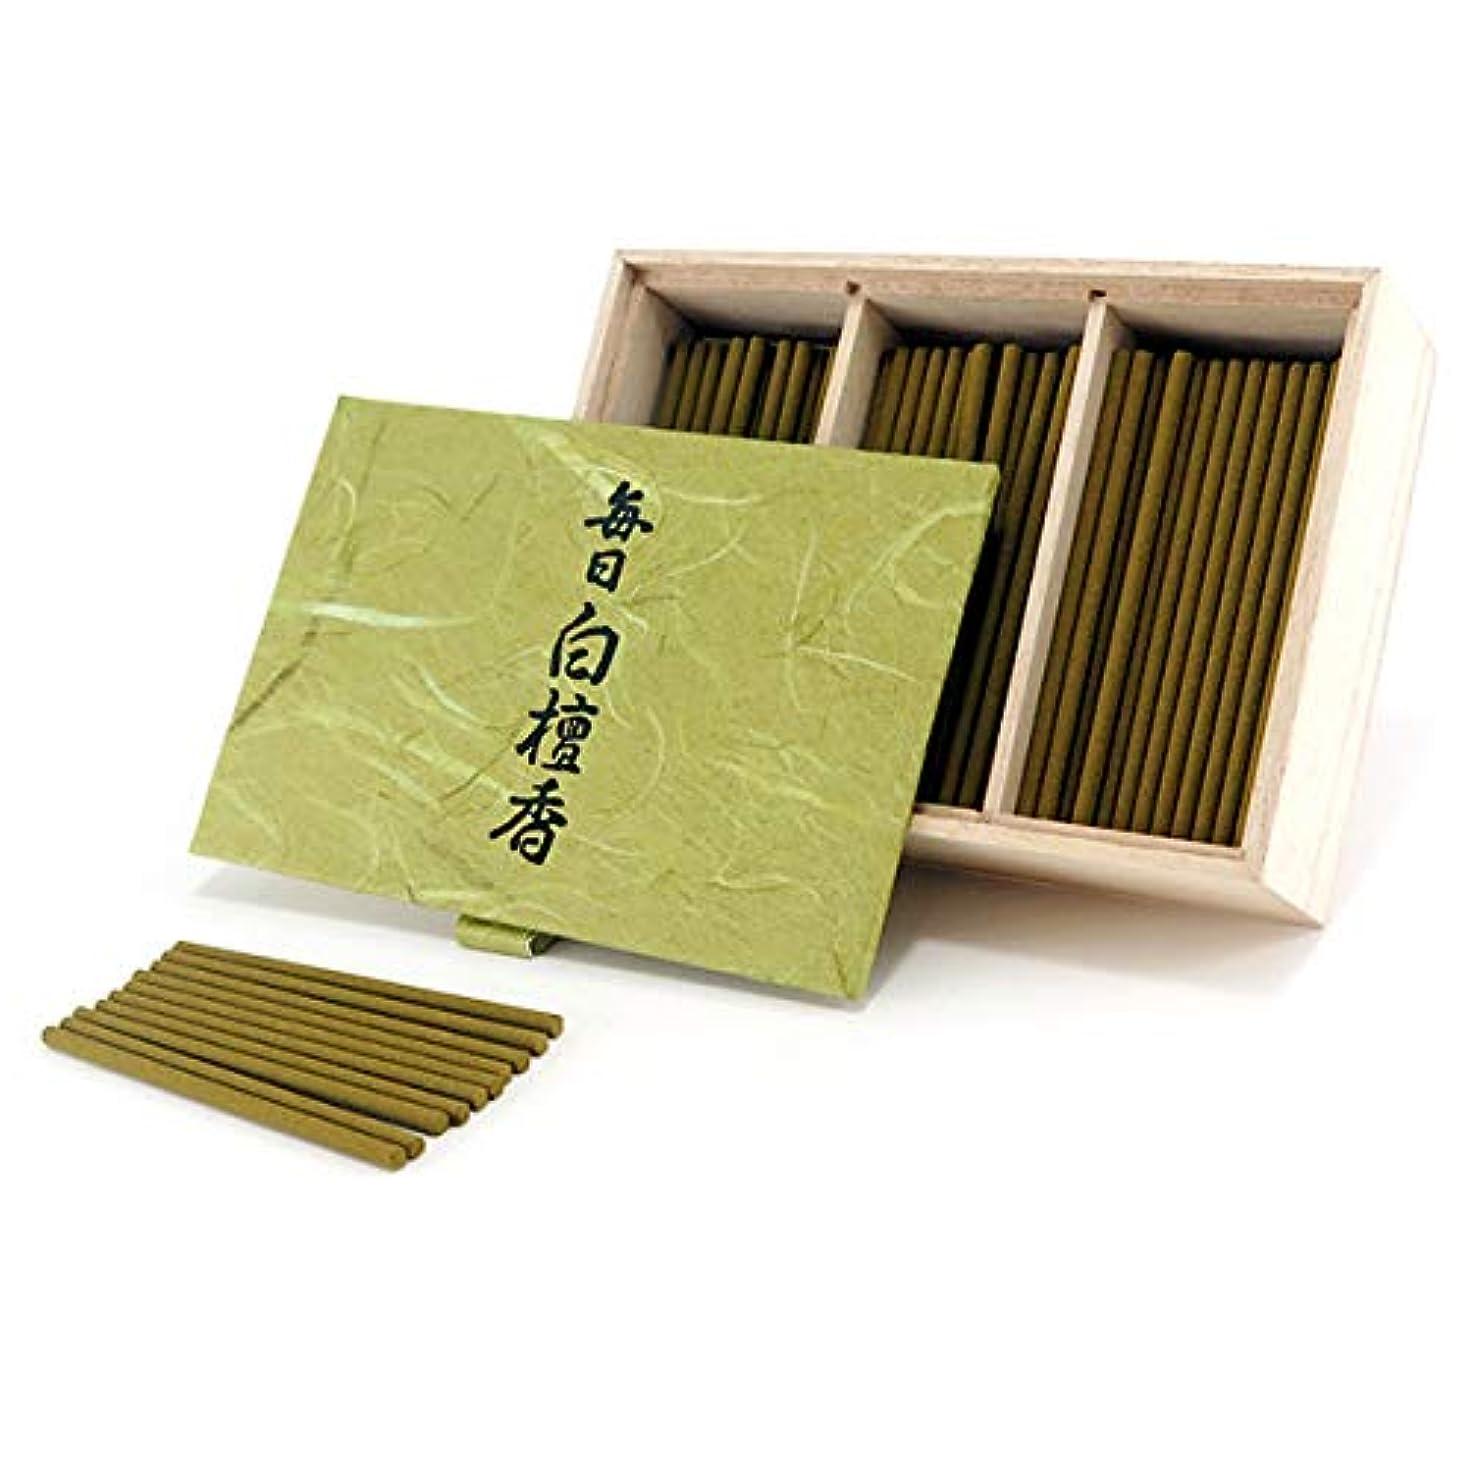 フレキシブルコンテンポラリー予想する日本香堂のお香 毎日白檀香 スティックミニ寸お徳用150本入り